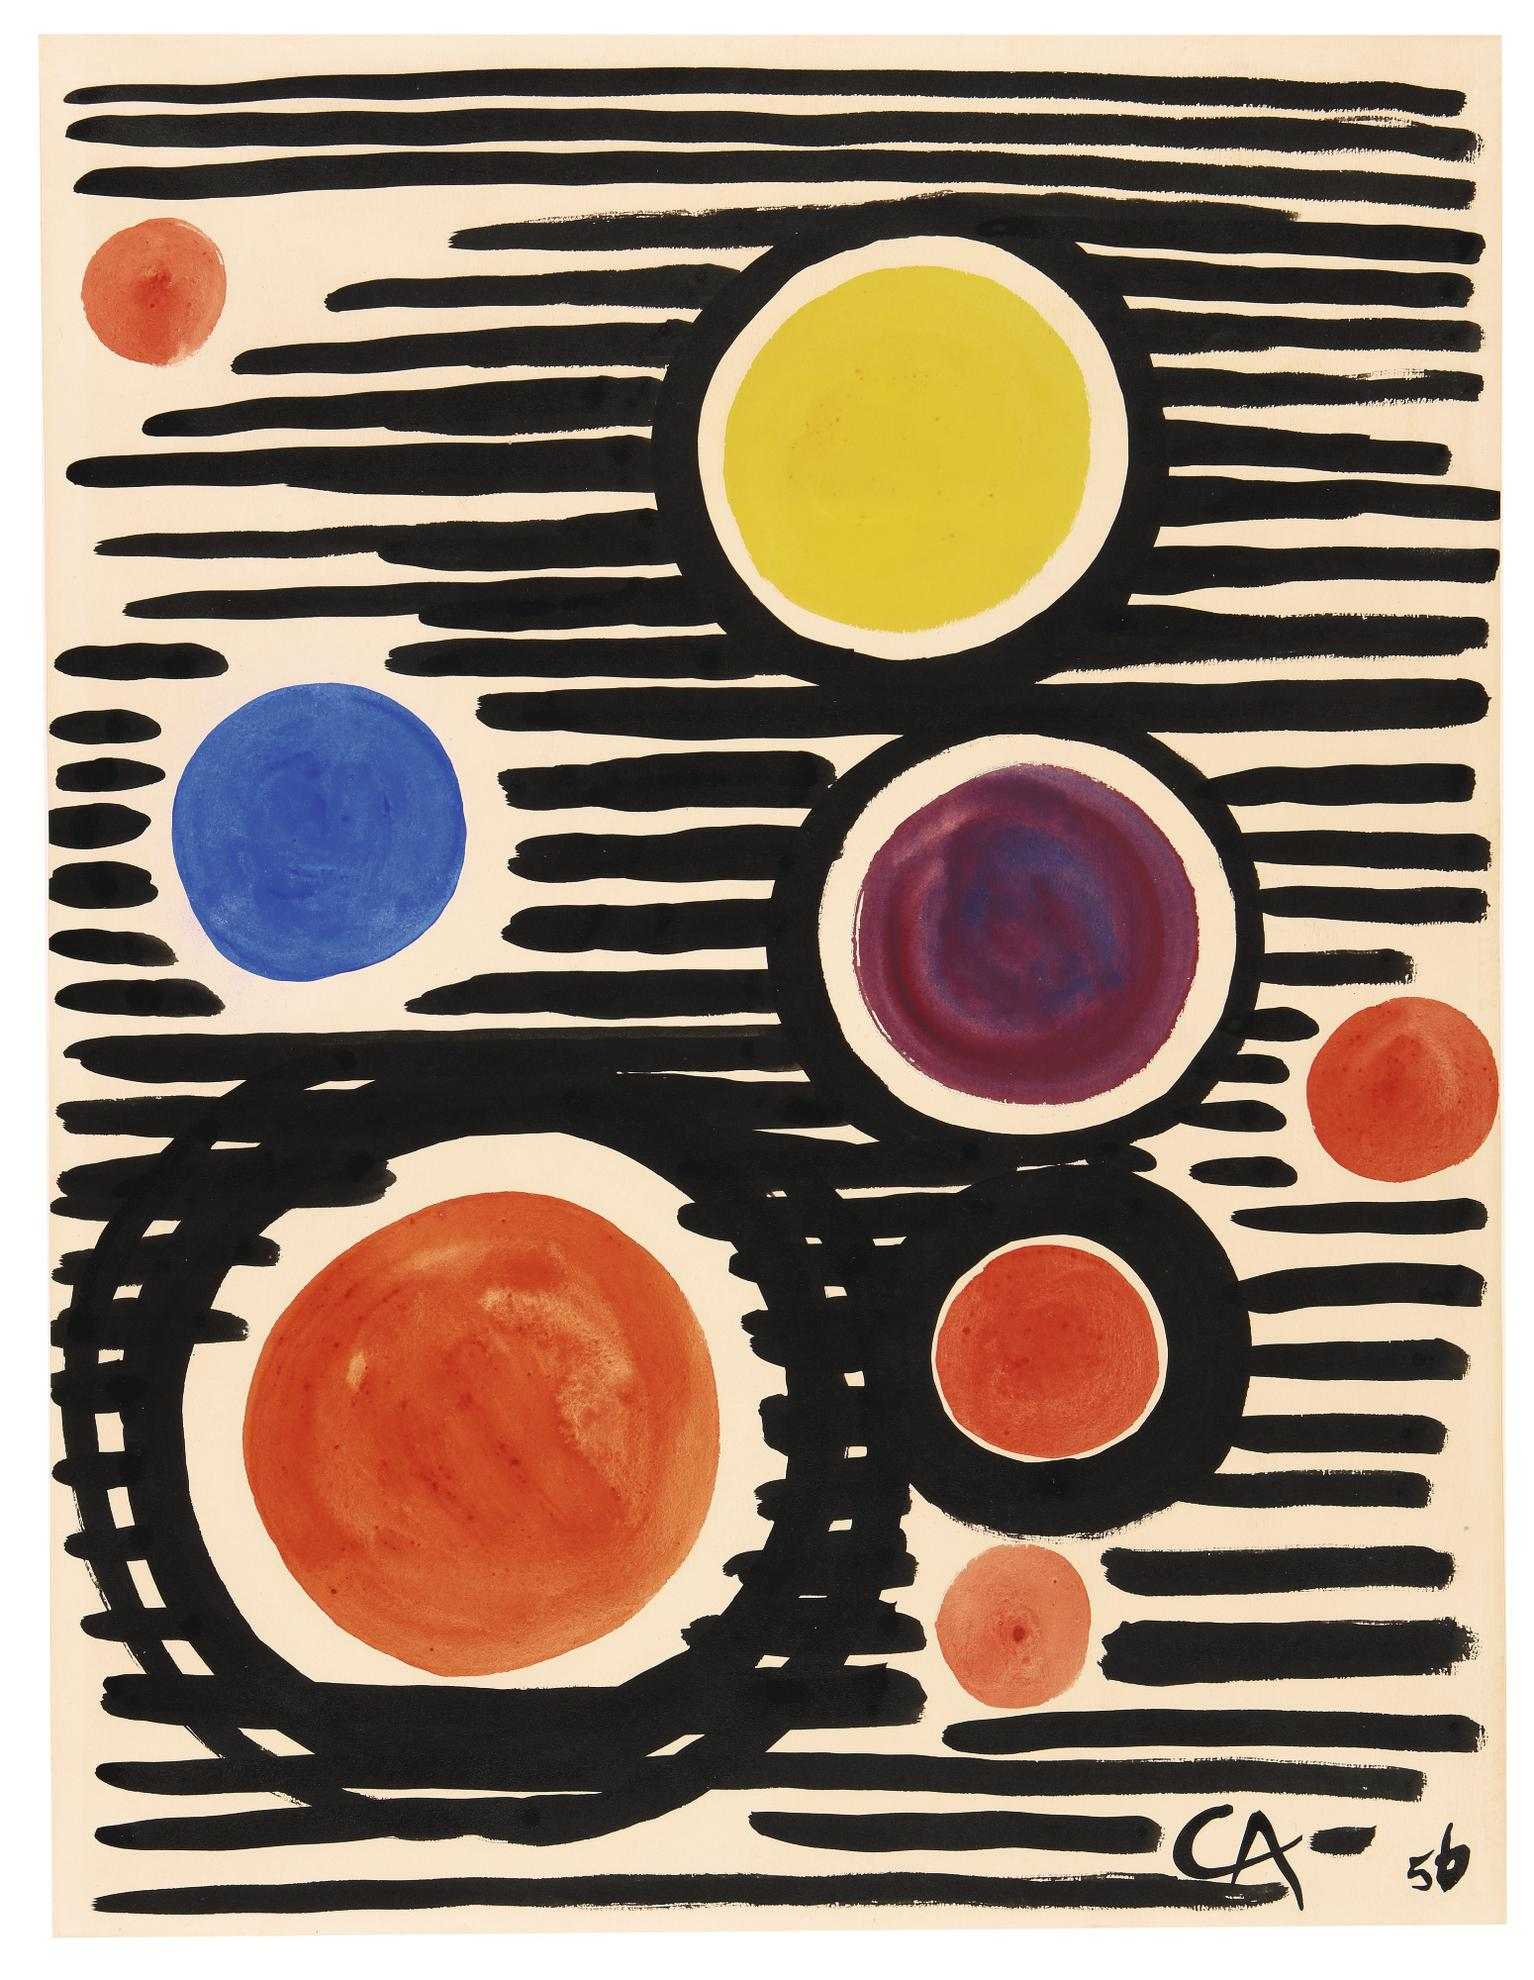 Alexander Calder-Untitled-1956